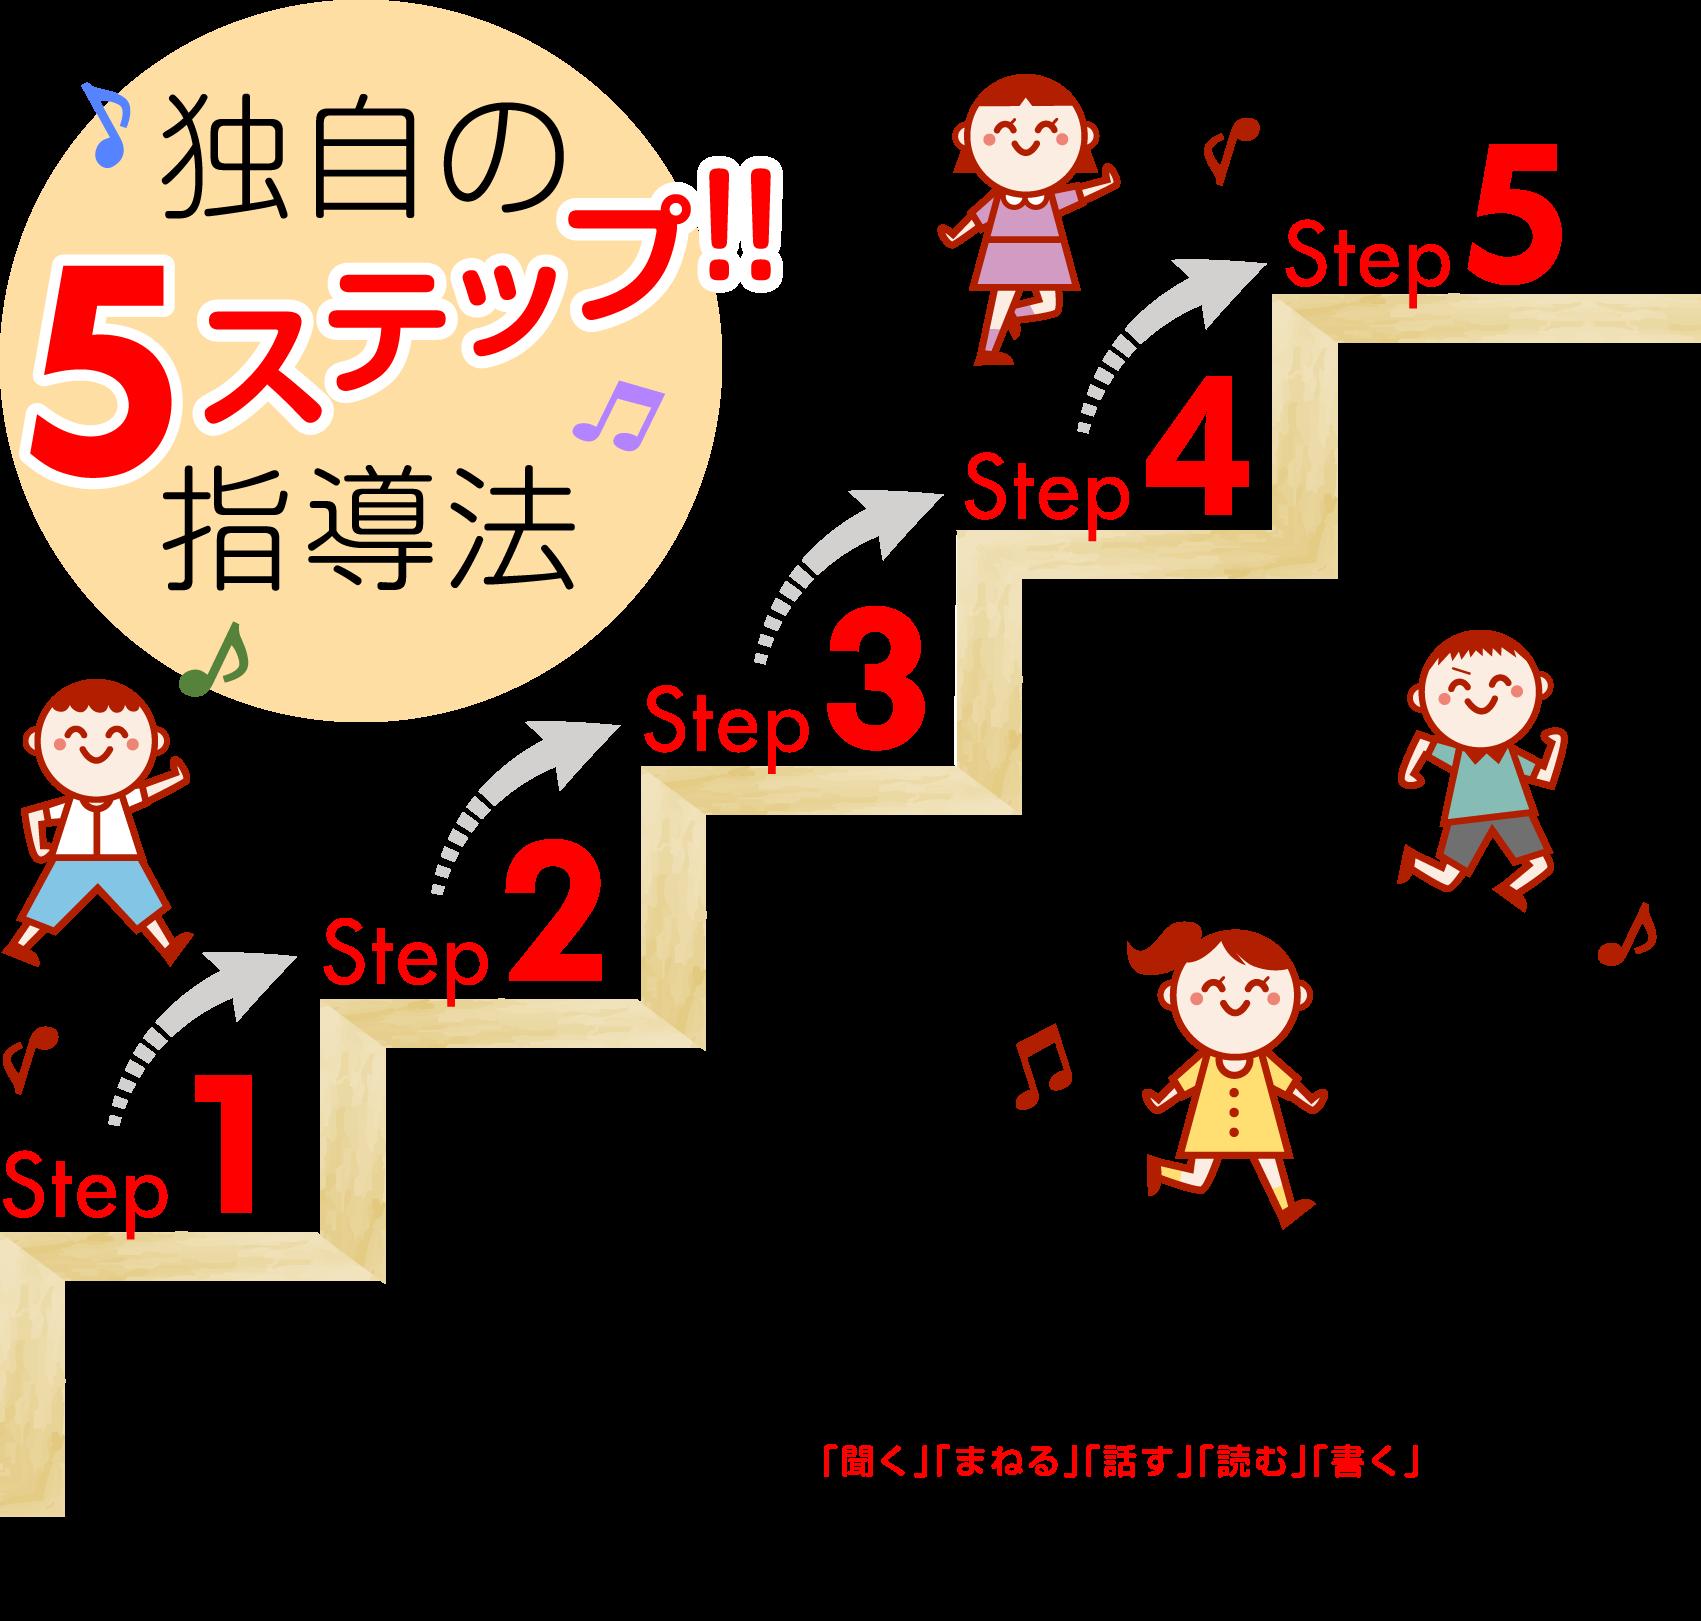 5ステップ指導法